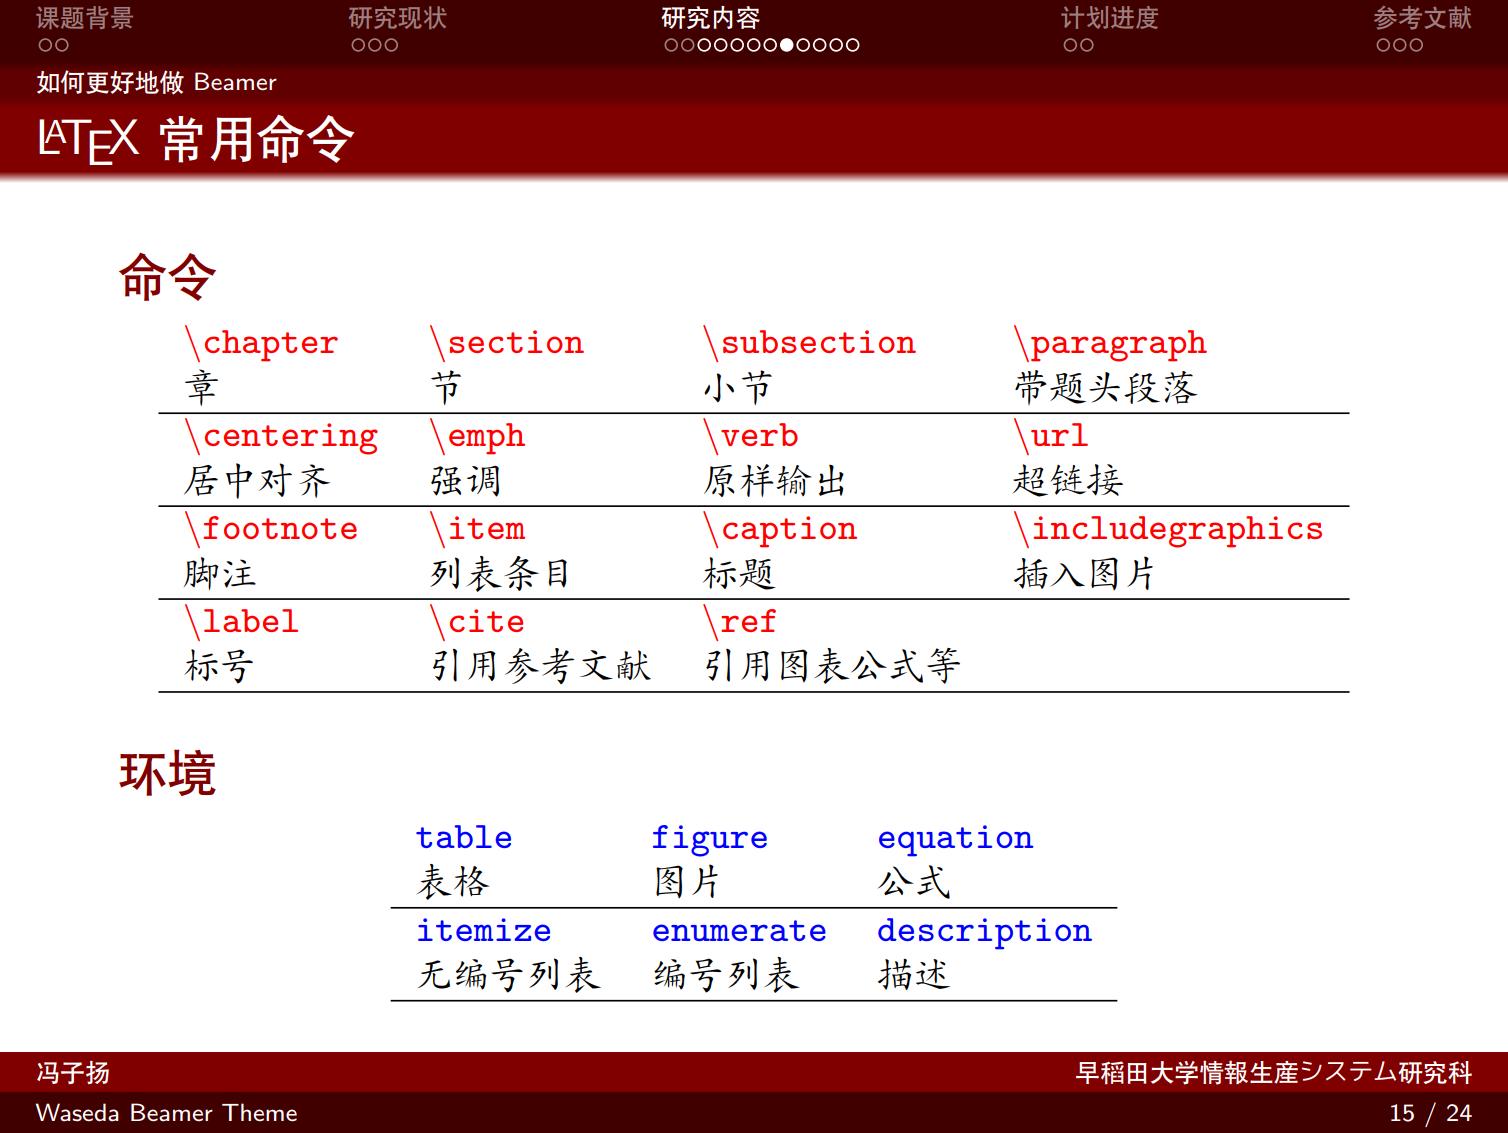 早稻田大学 Beamer 开题报告排版样例